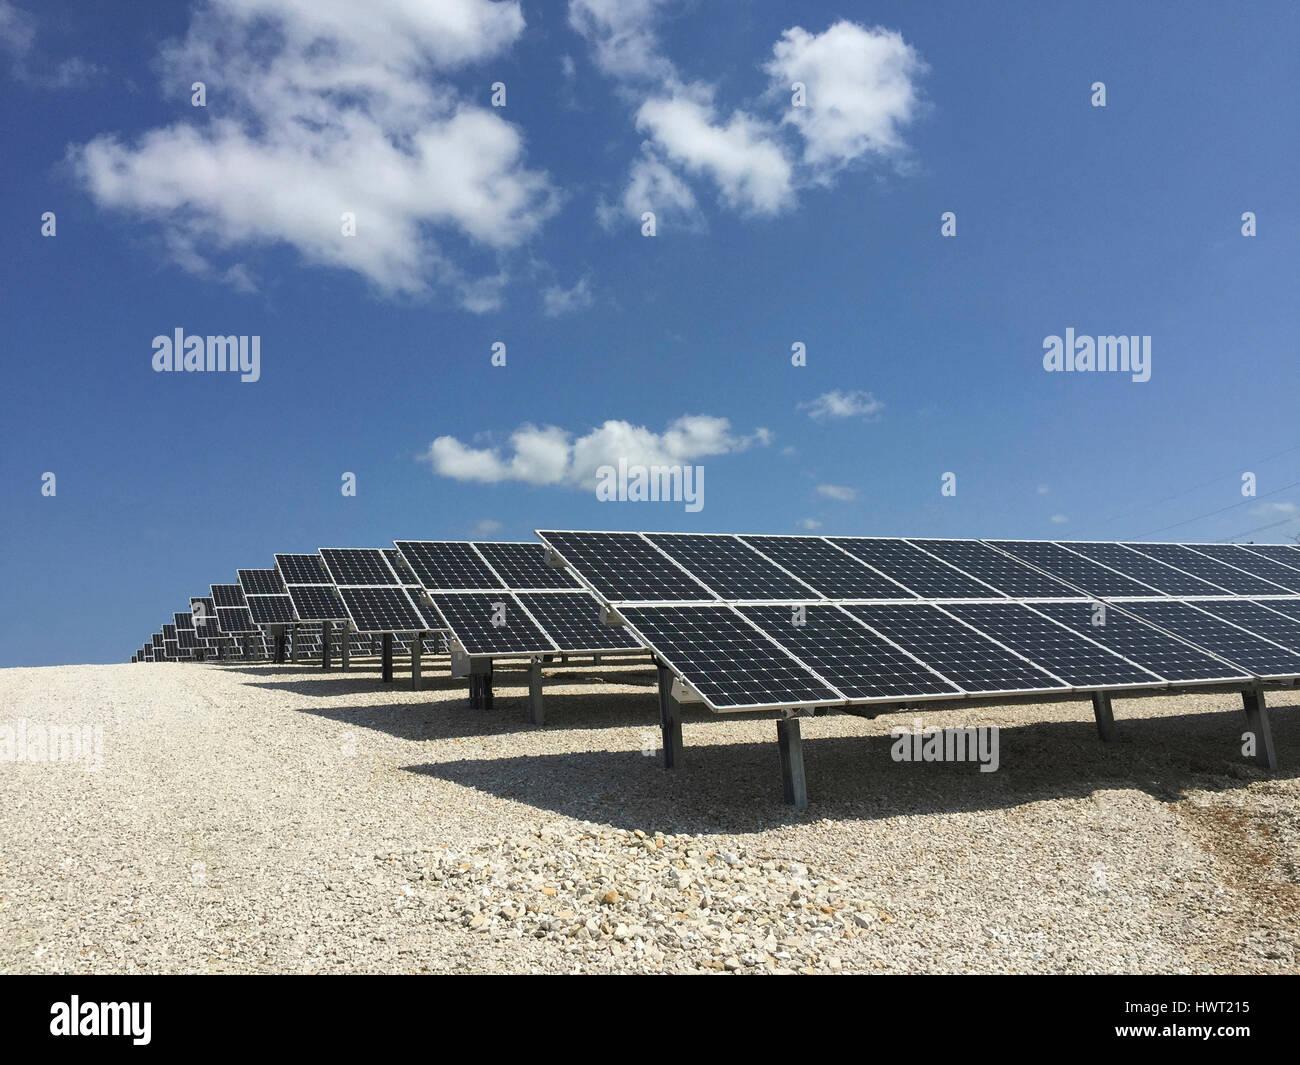 Panneaux solaires sur field au cours de journée ensoleillée Photo Stock